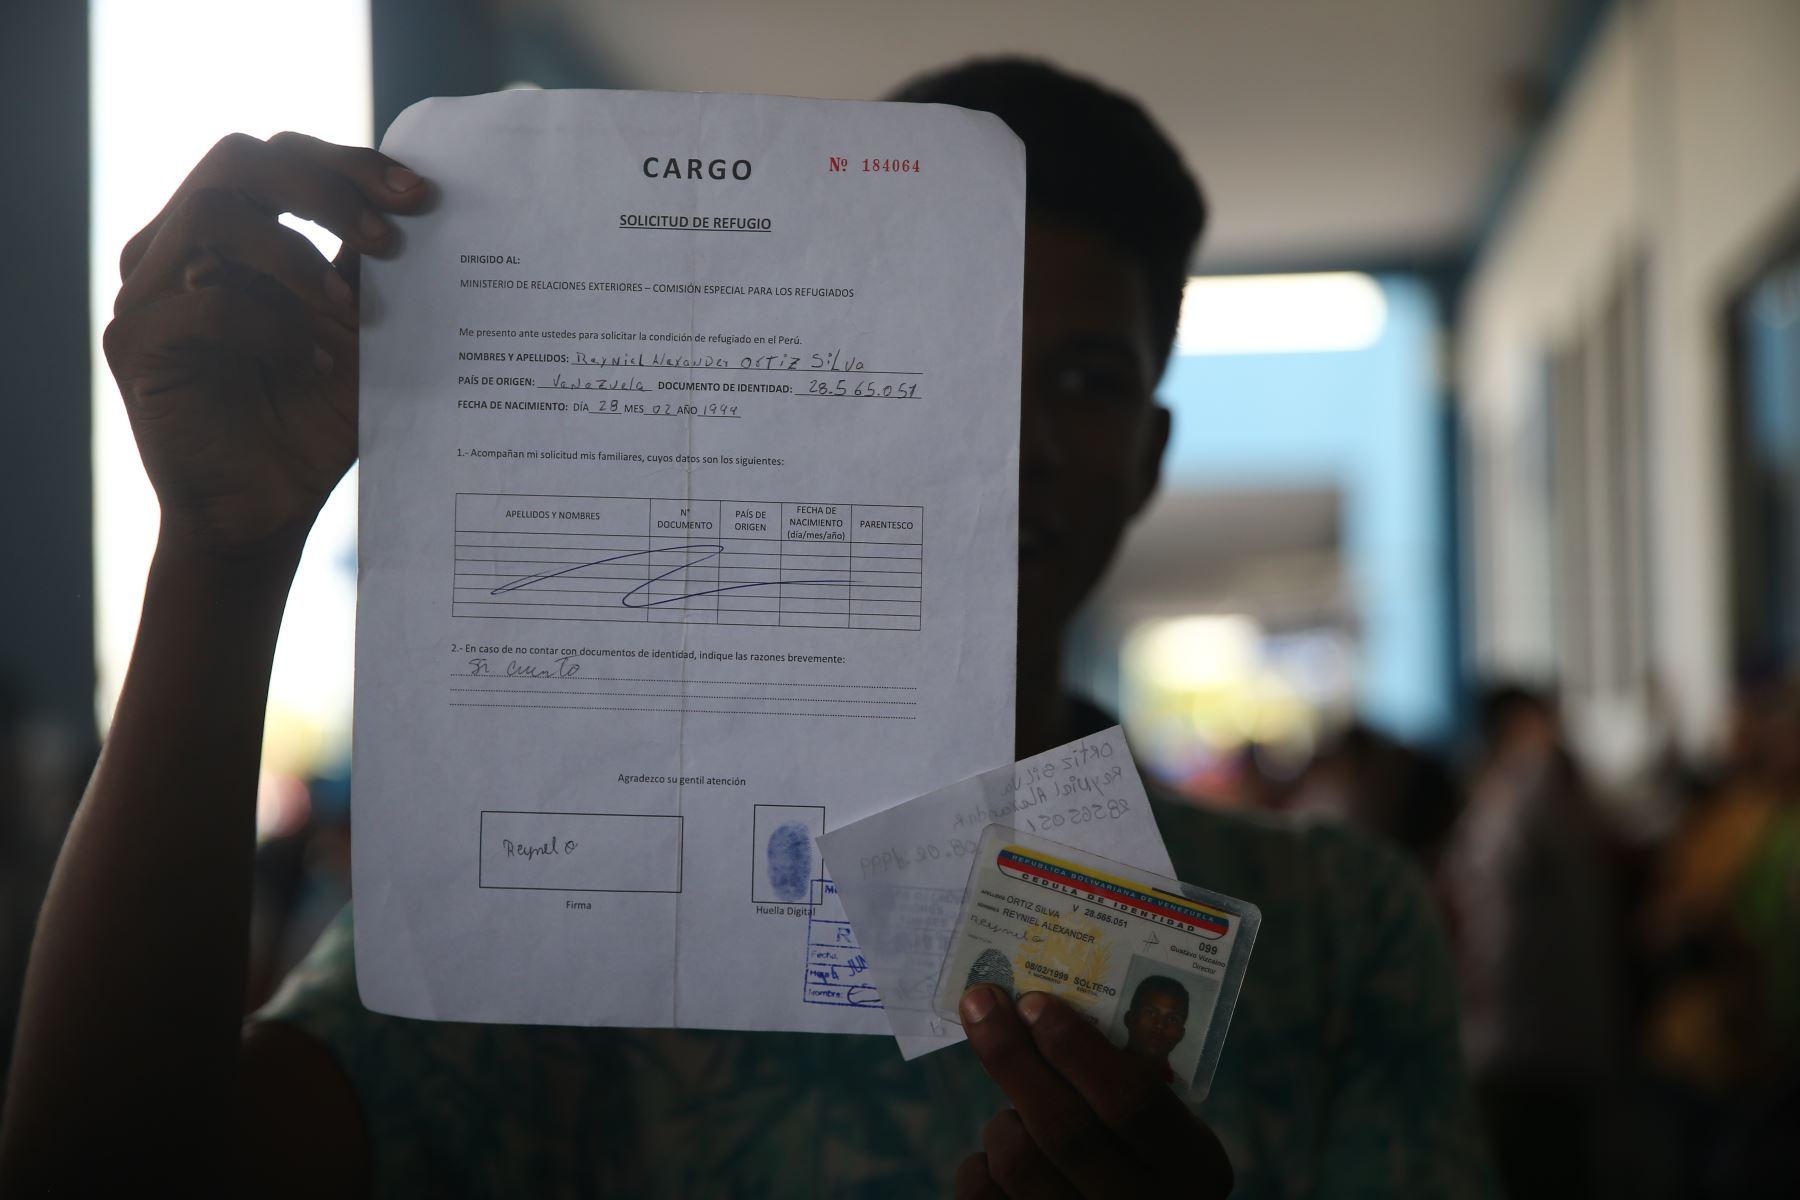 Migraciones ratificó que a partir de las 00:00 horas, de hoy se implementará la medida dictada por el Gobierno peruano para admitir el ingreso al país de ciudadanos venezolanos solo con pasaporte y la visa respectiva. Foto: ANDINA/Luis Iparraguirre